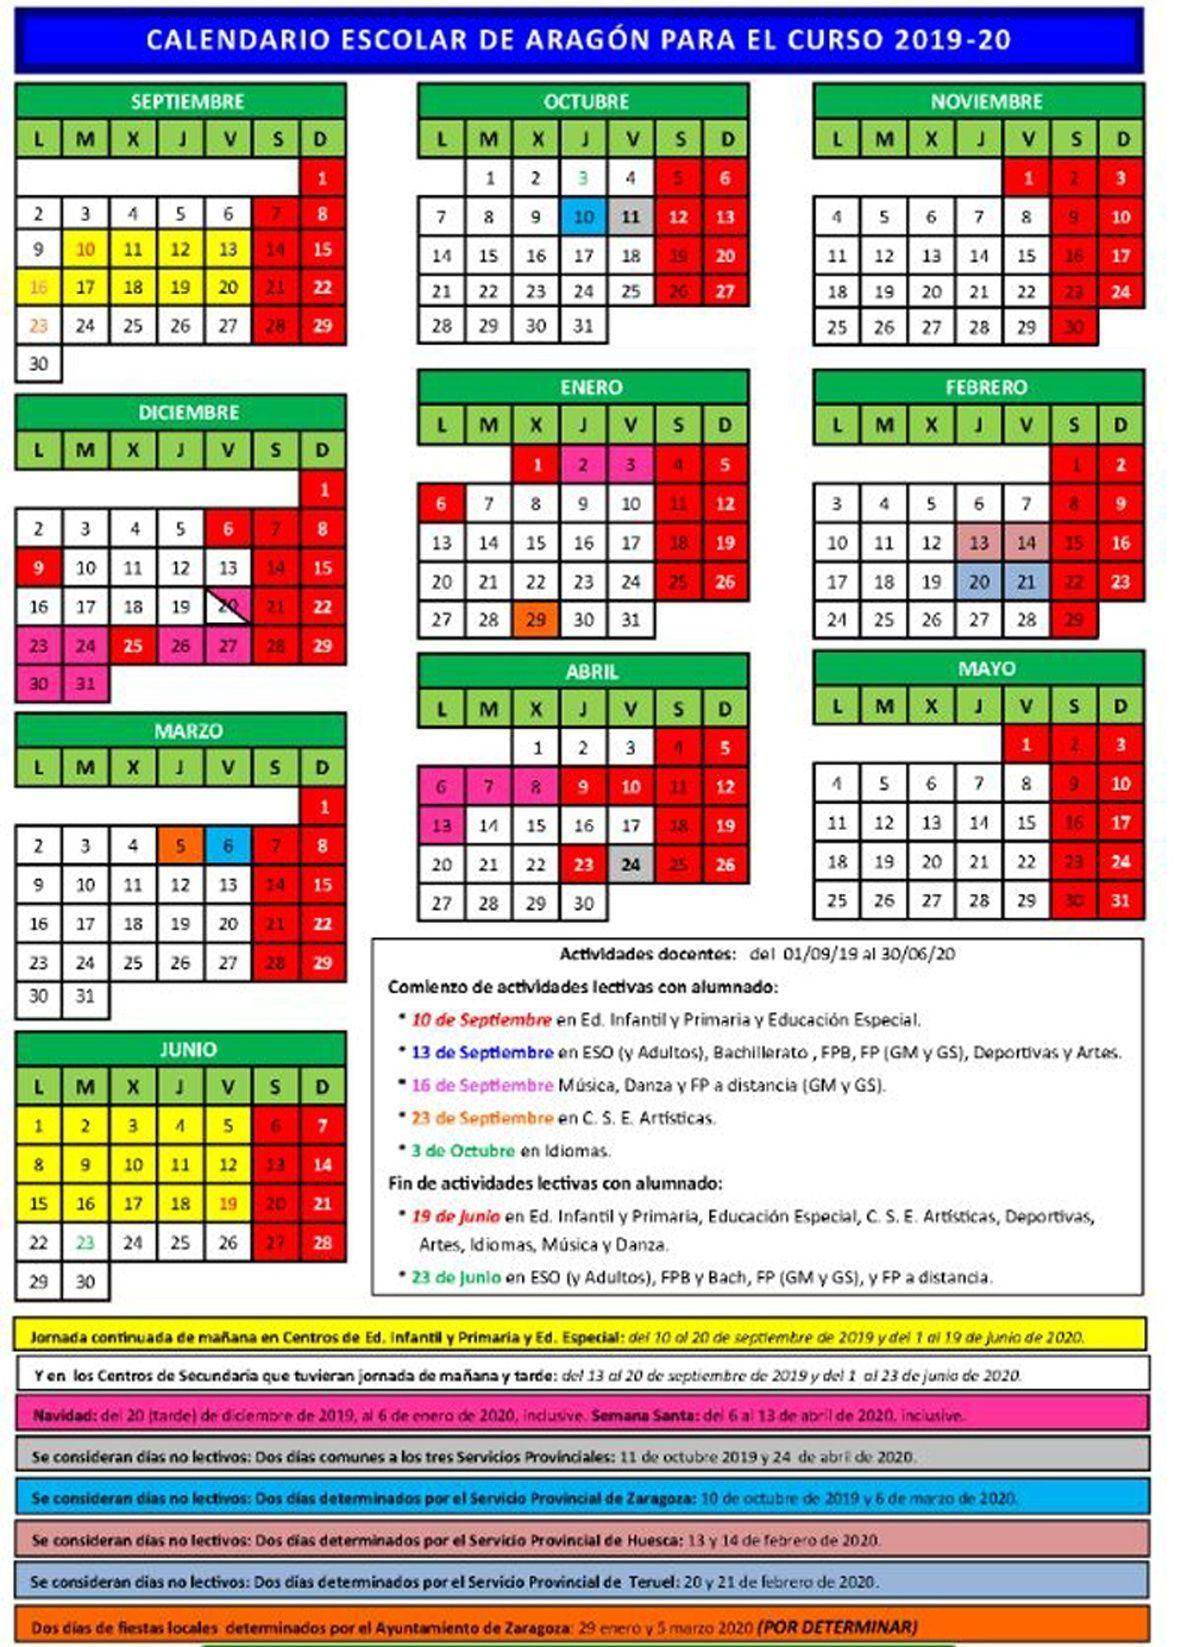 Aragon Calendario Escolar.Calendario Escolar 2019 2020 En Aragon Educacion 3 0